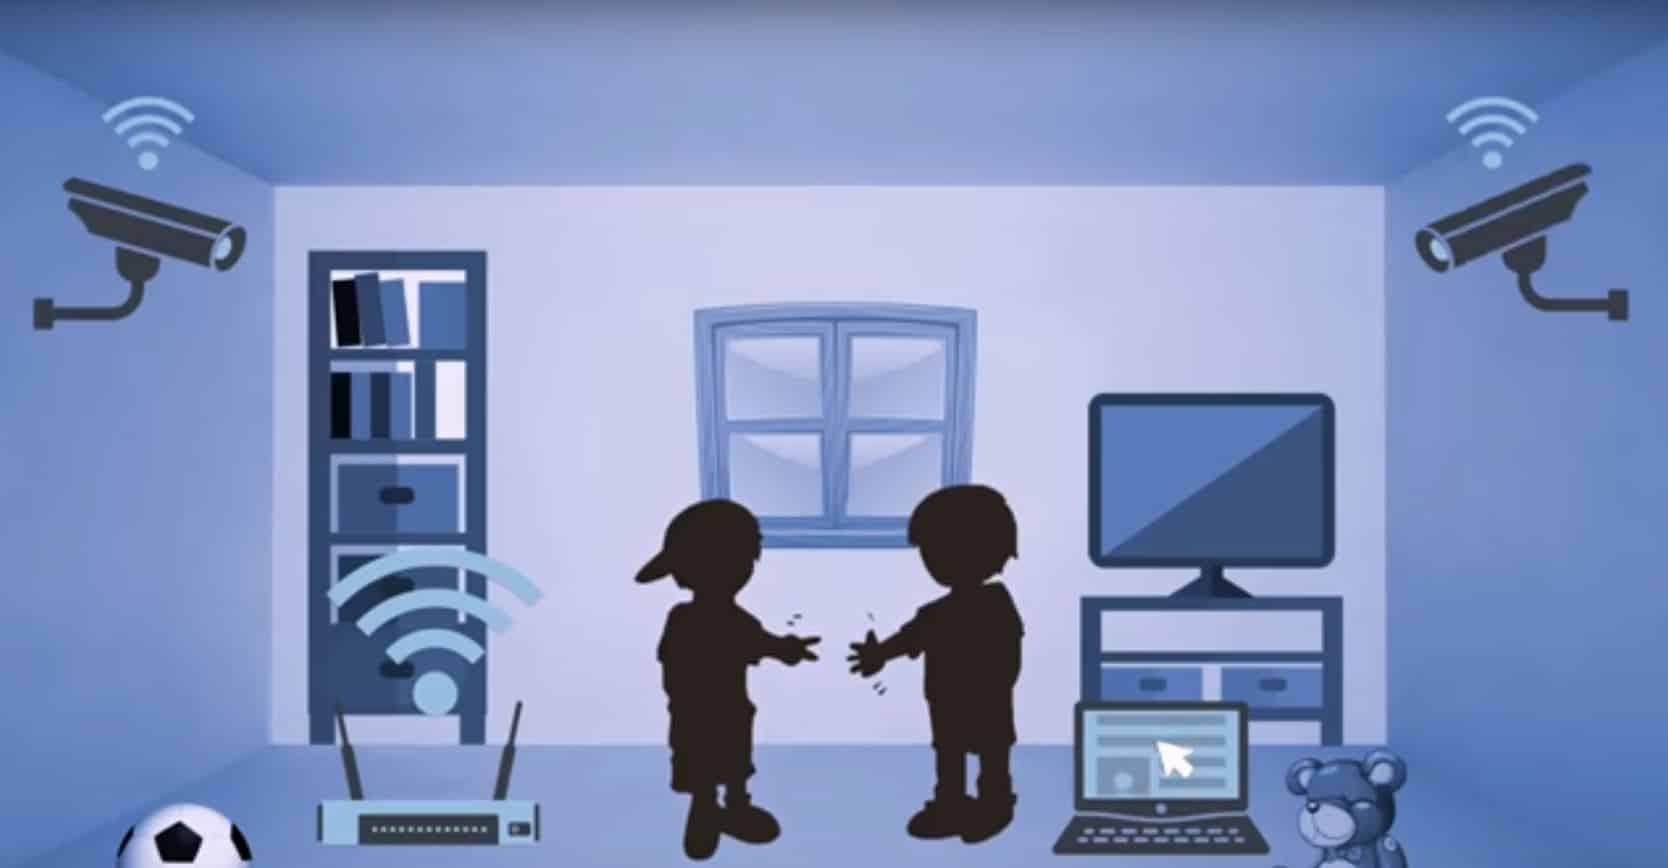 trucs et astuces comment proteger vos appareils connectes - Trucs et astuces : comment protéger vos appareils connectés